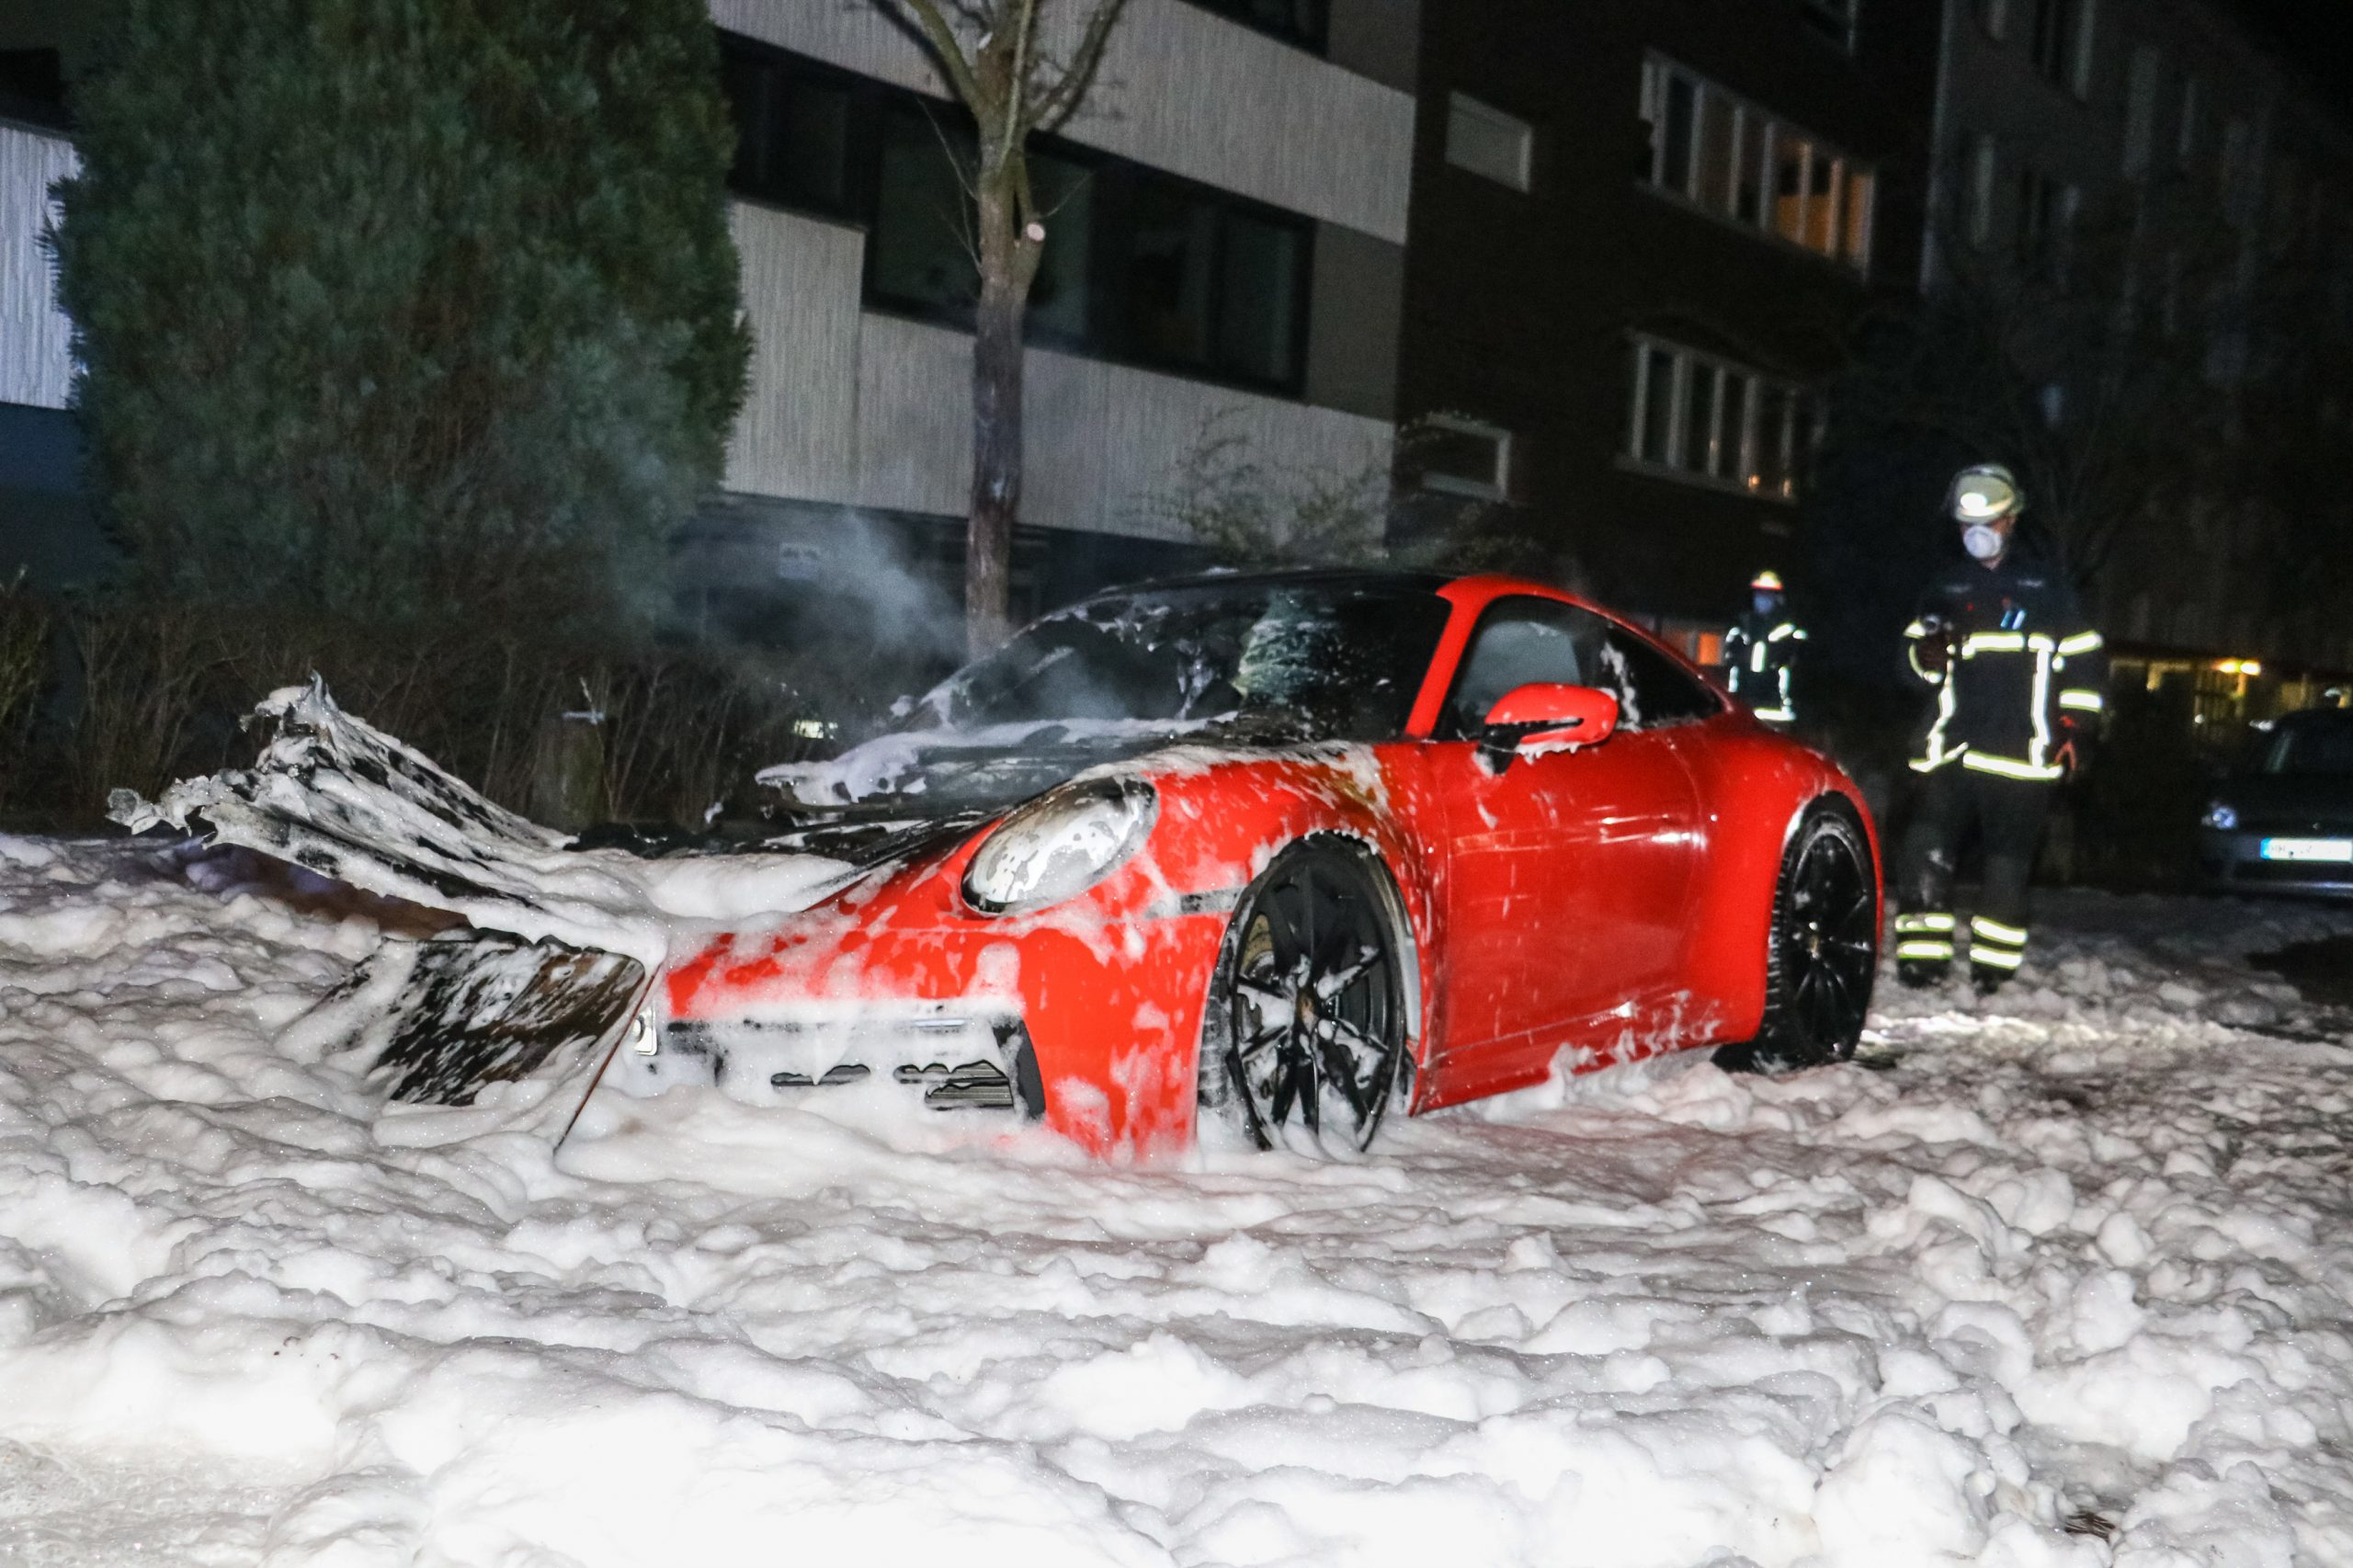 Neider-nagelneuer-Porsche-abgebrannt-Polizei-sichert-Spuren